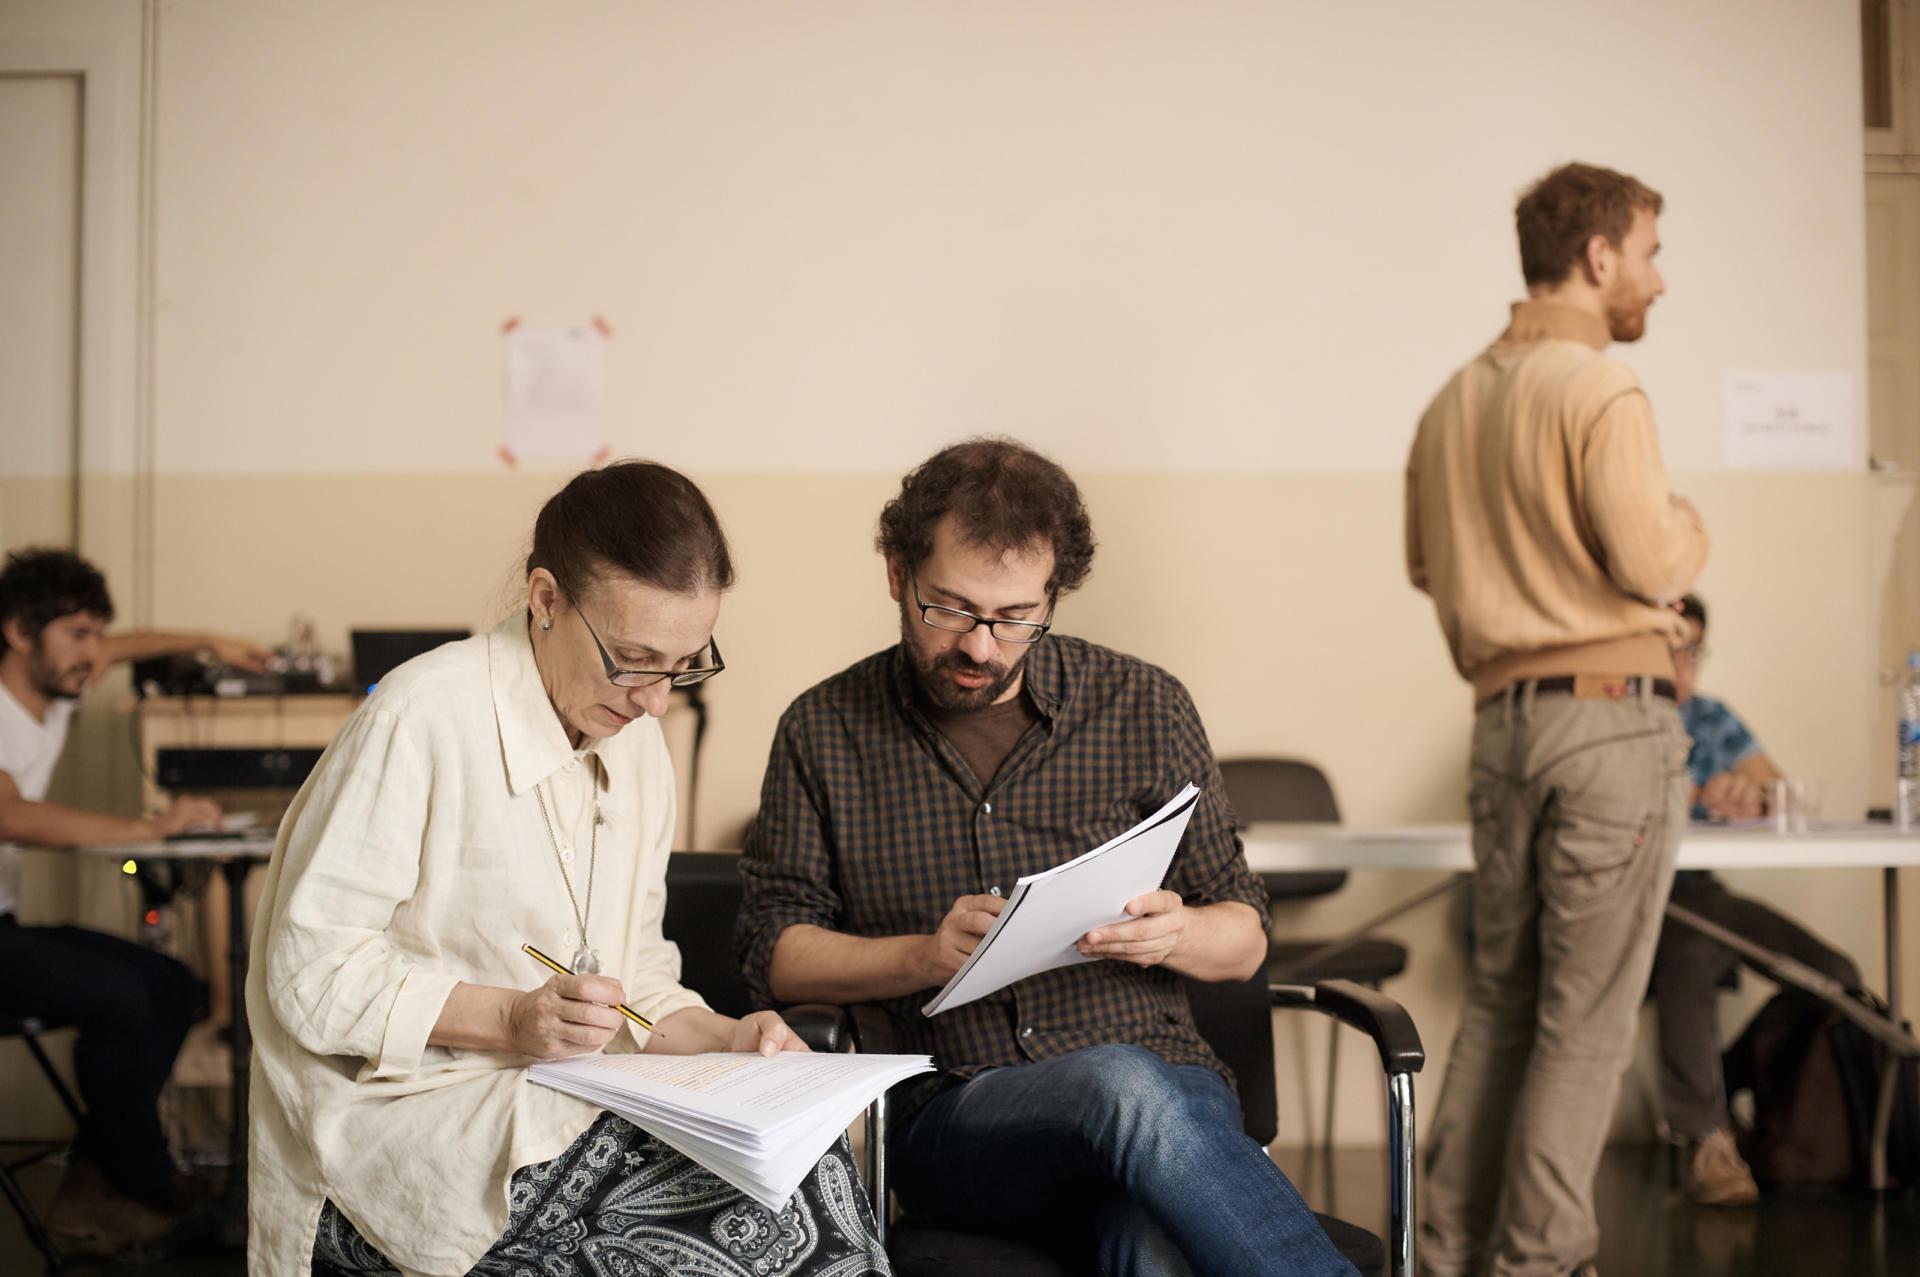 Llàtzer Garcia passant text amb Teresa Vallicrosa a 'Els nens desagraïts'. Foto: Paco Amate